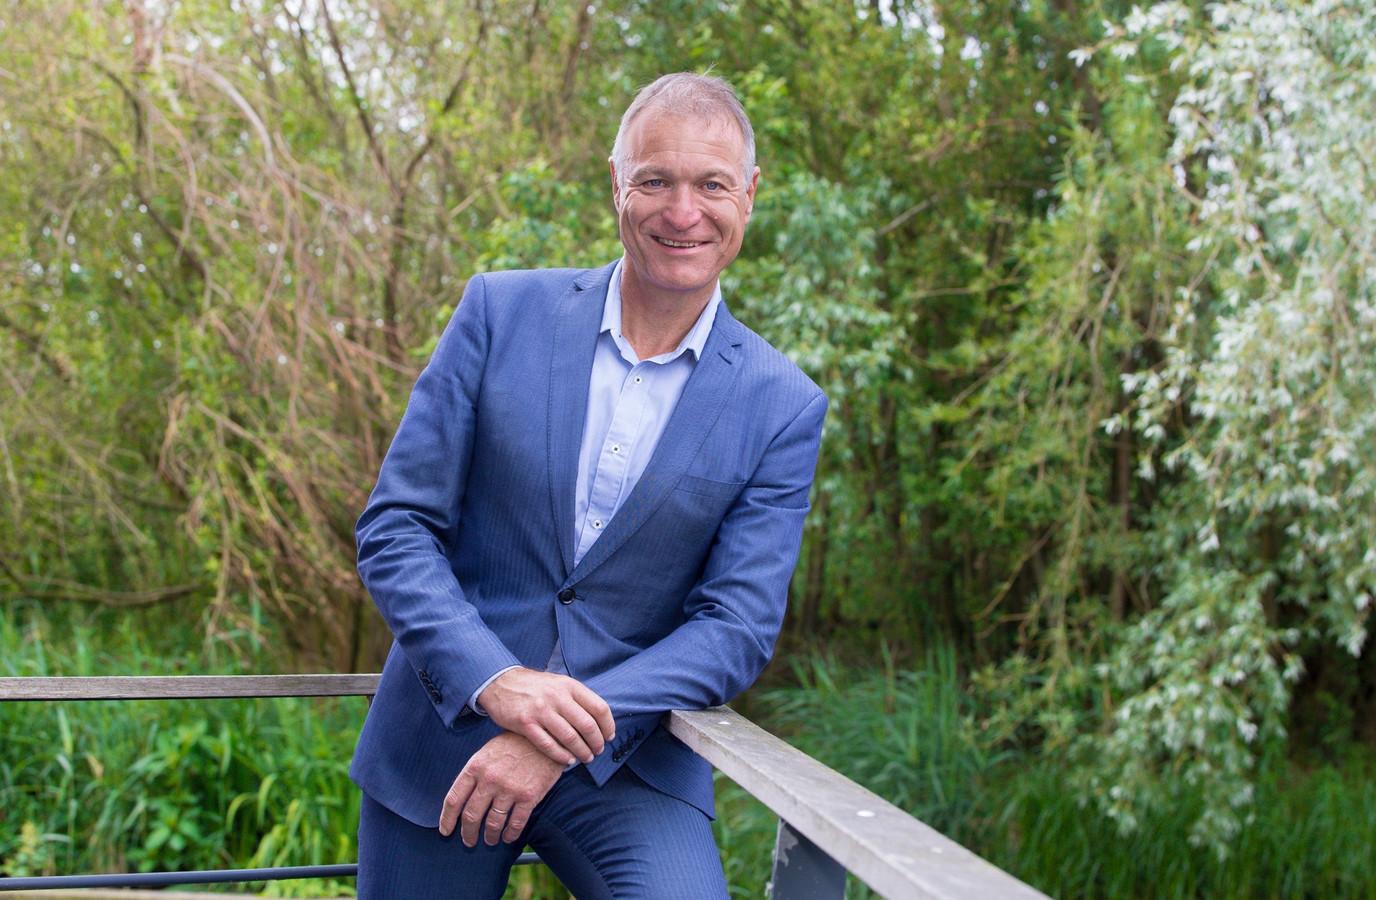 Wethouder Erik van Beurden (GroenLinks-PvdA).